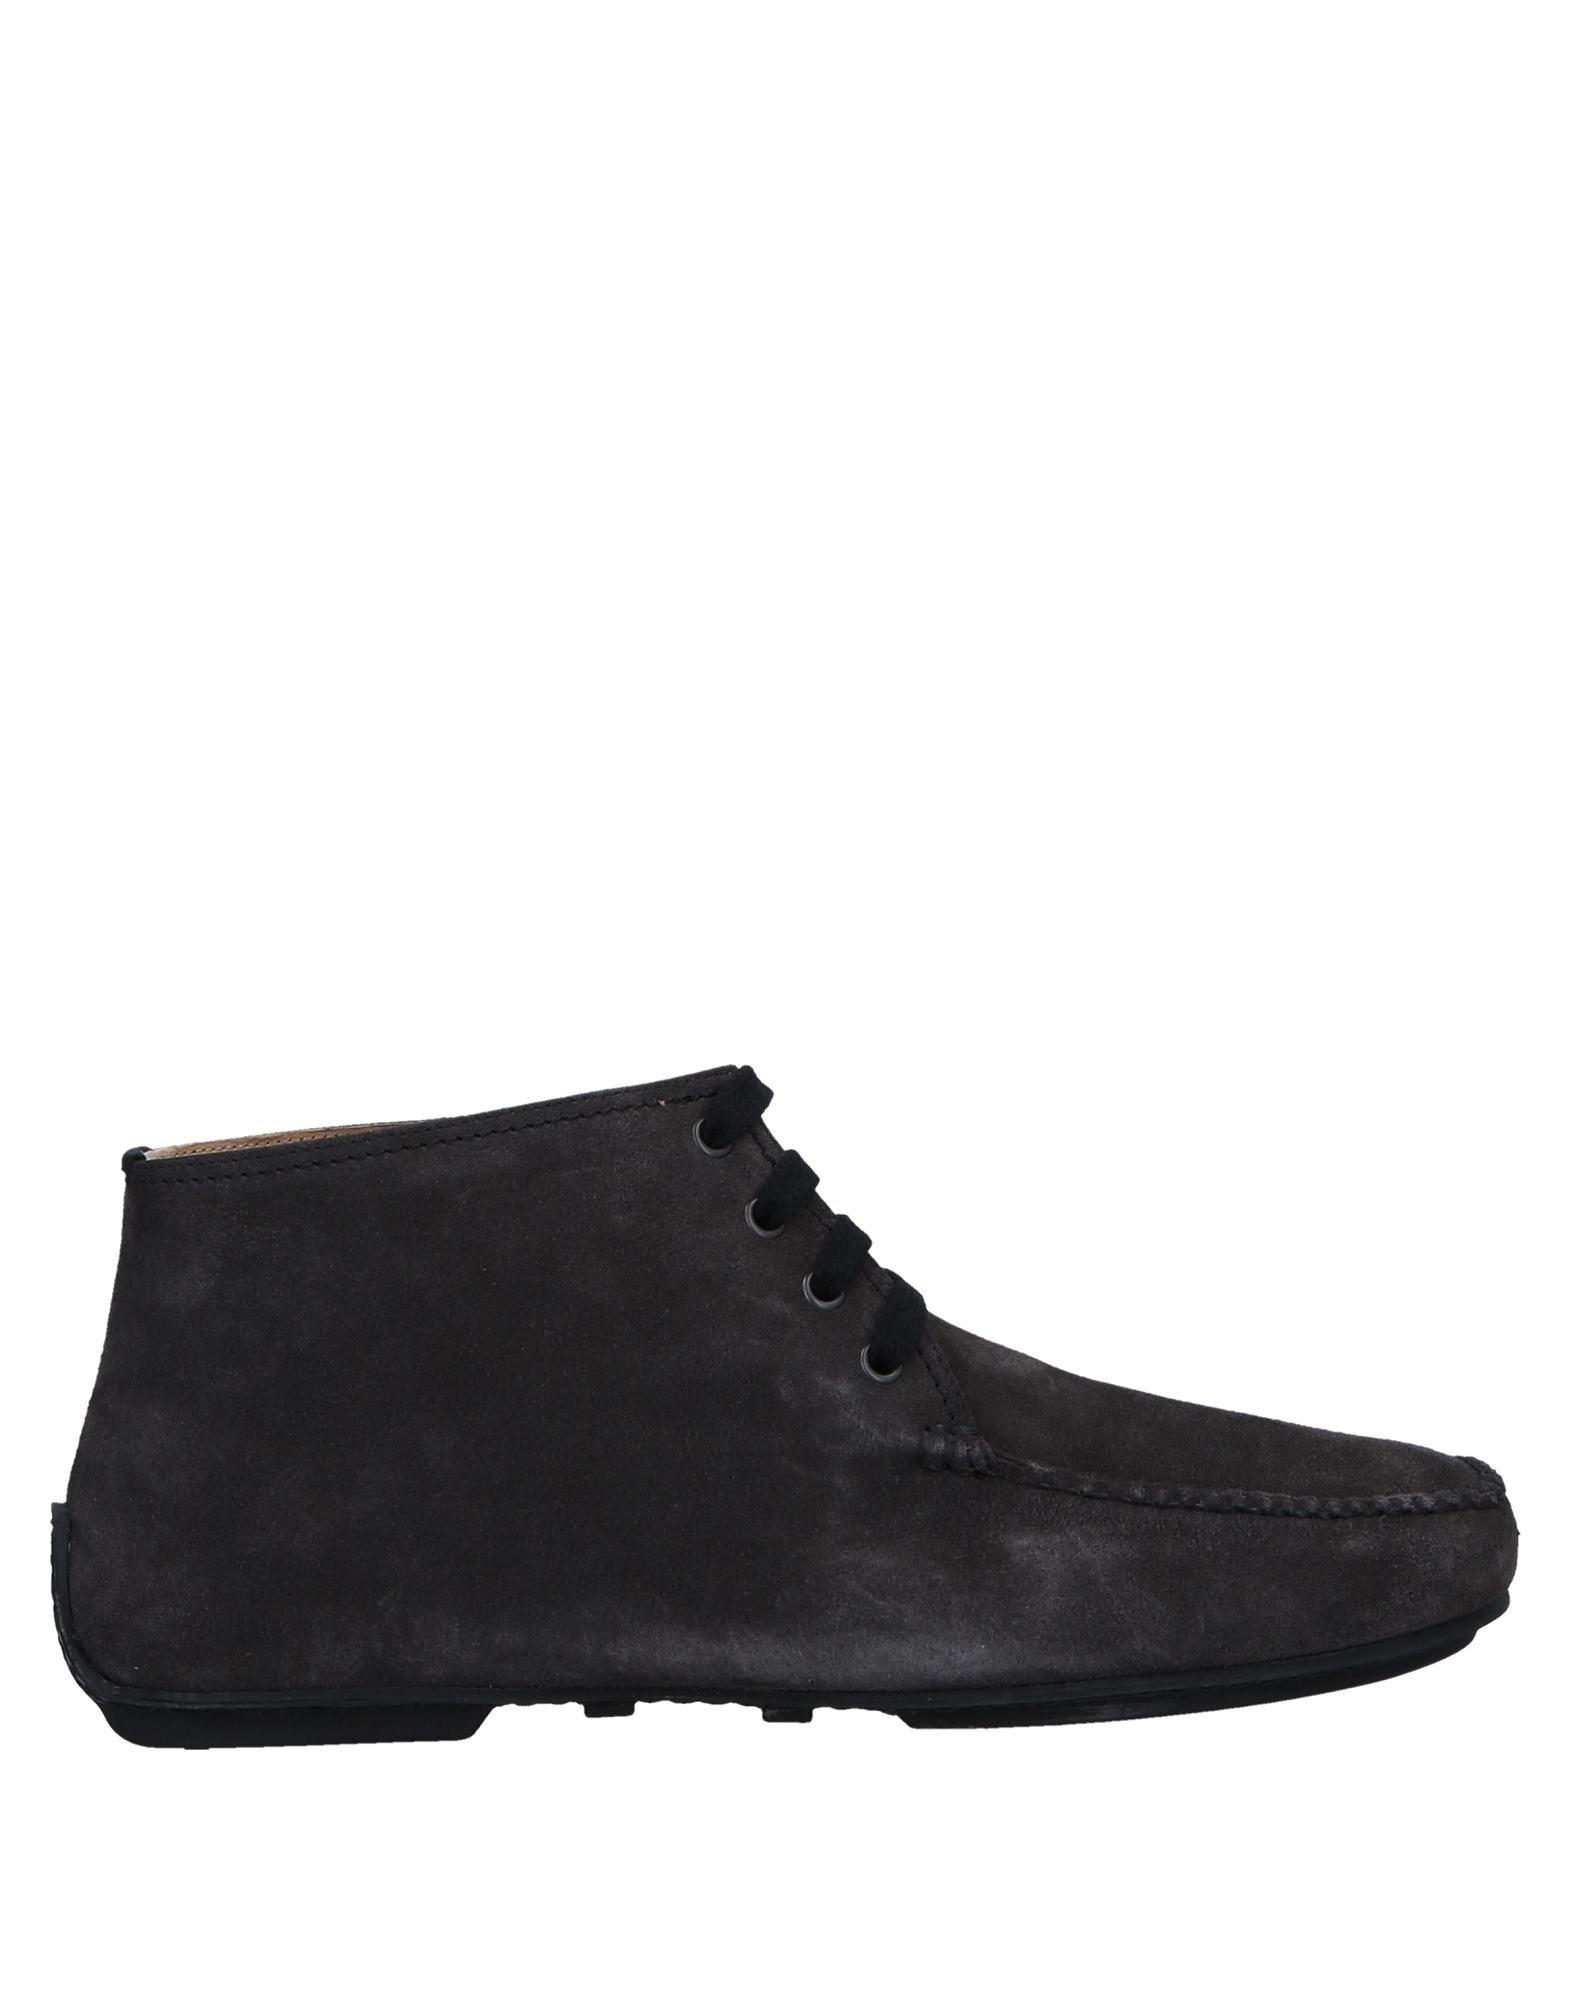 Arfango Stiefelette Herren  11525094SH Gute Qualität beliebte Schuhe